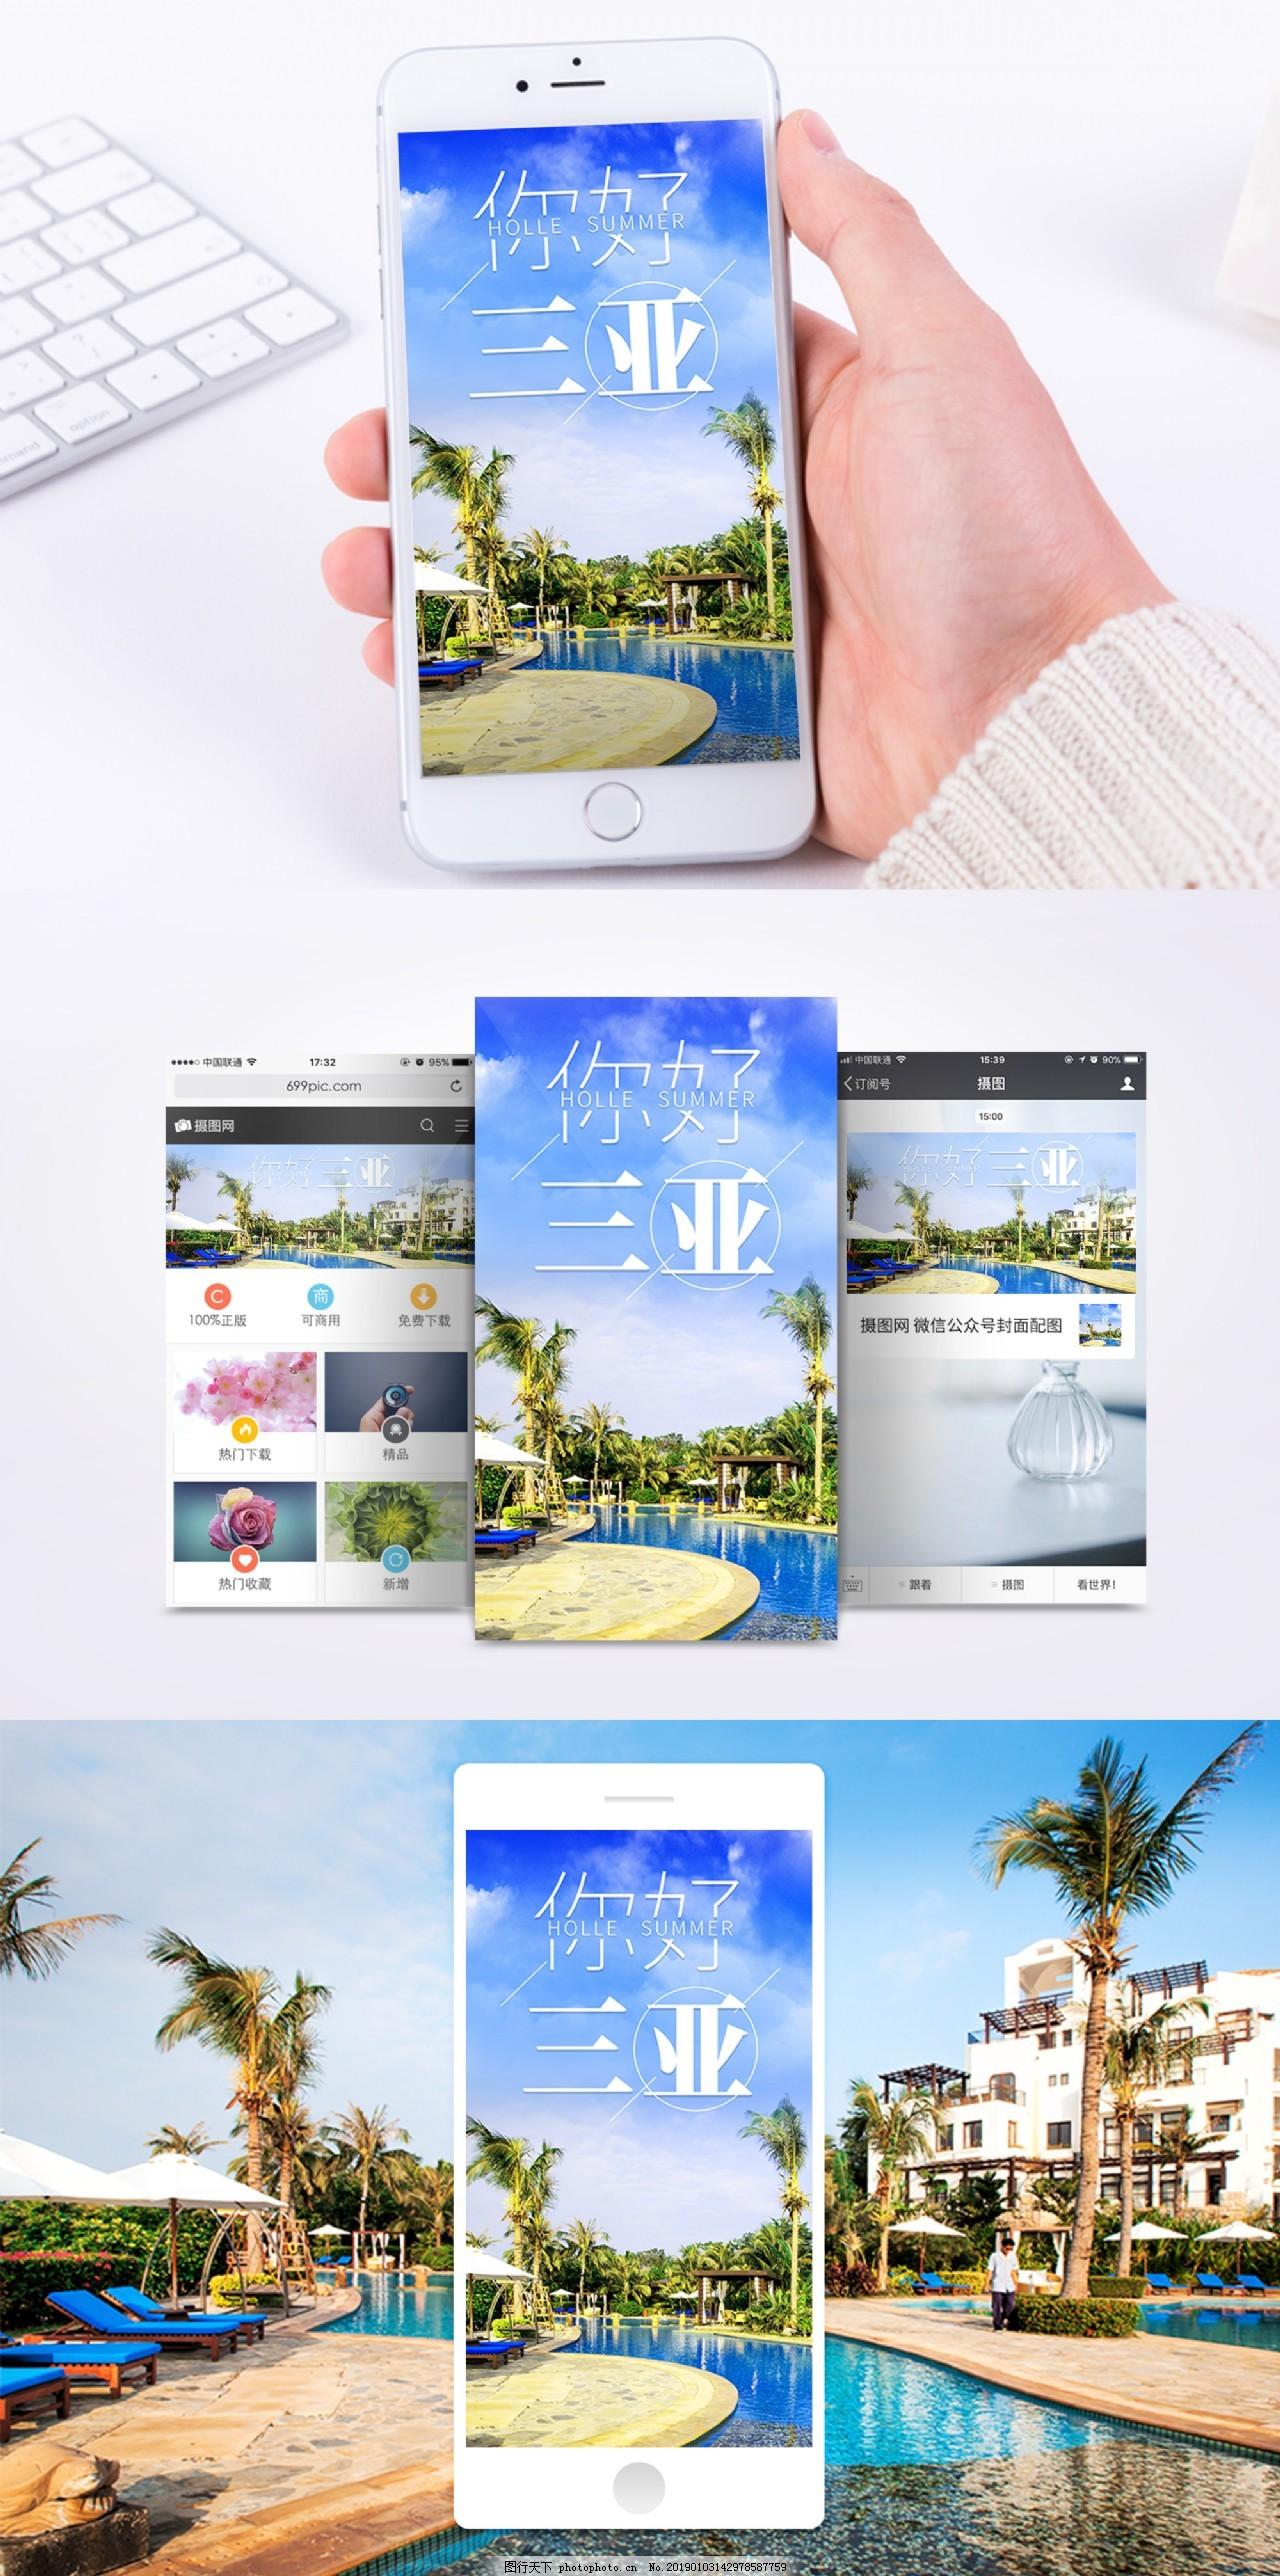 海南三亚手机海报配图,五星级酒店,享受,休息,休闲,放松,旅游